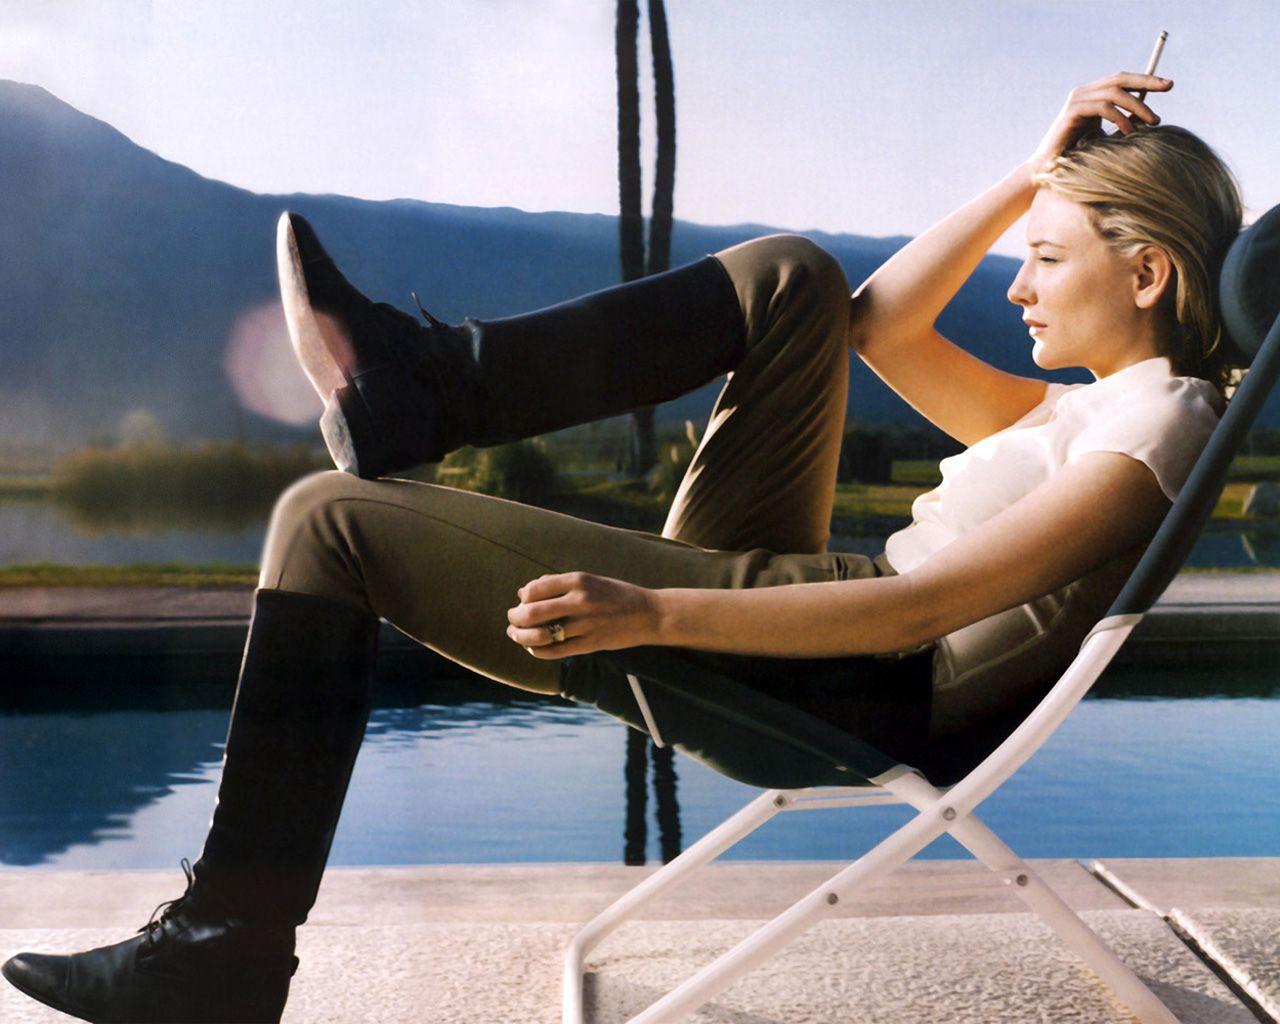 http://1.bp.blogspot.com/-6wfC5ckhLP0/Tya6lD-cH9I/AAAAAAAAA0c/OTKjqnh5t6w/s1600/08.%2BCate-Blanchett-Smoking-Cigarette.jpg